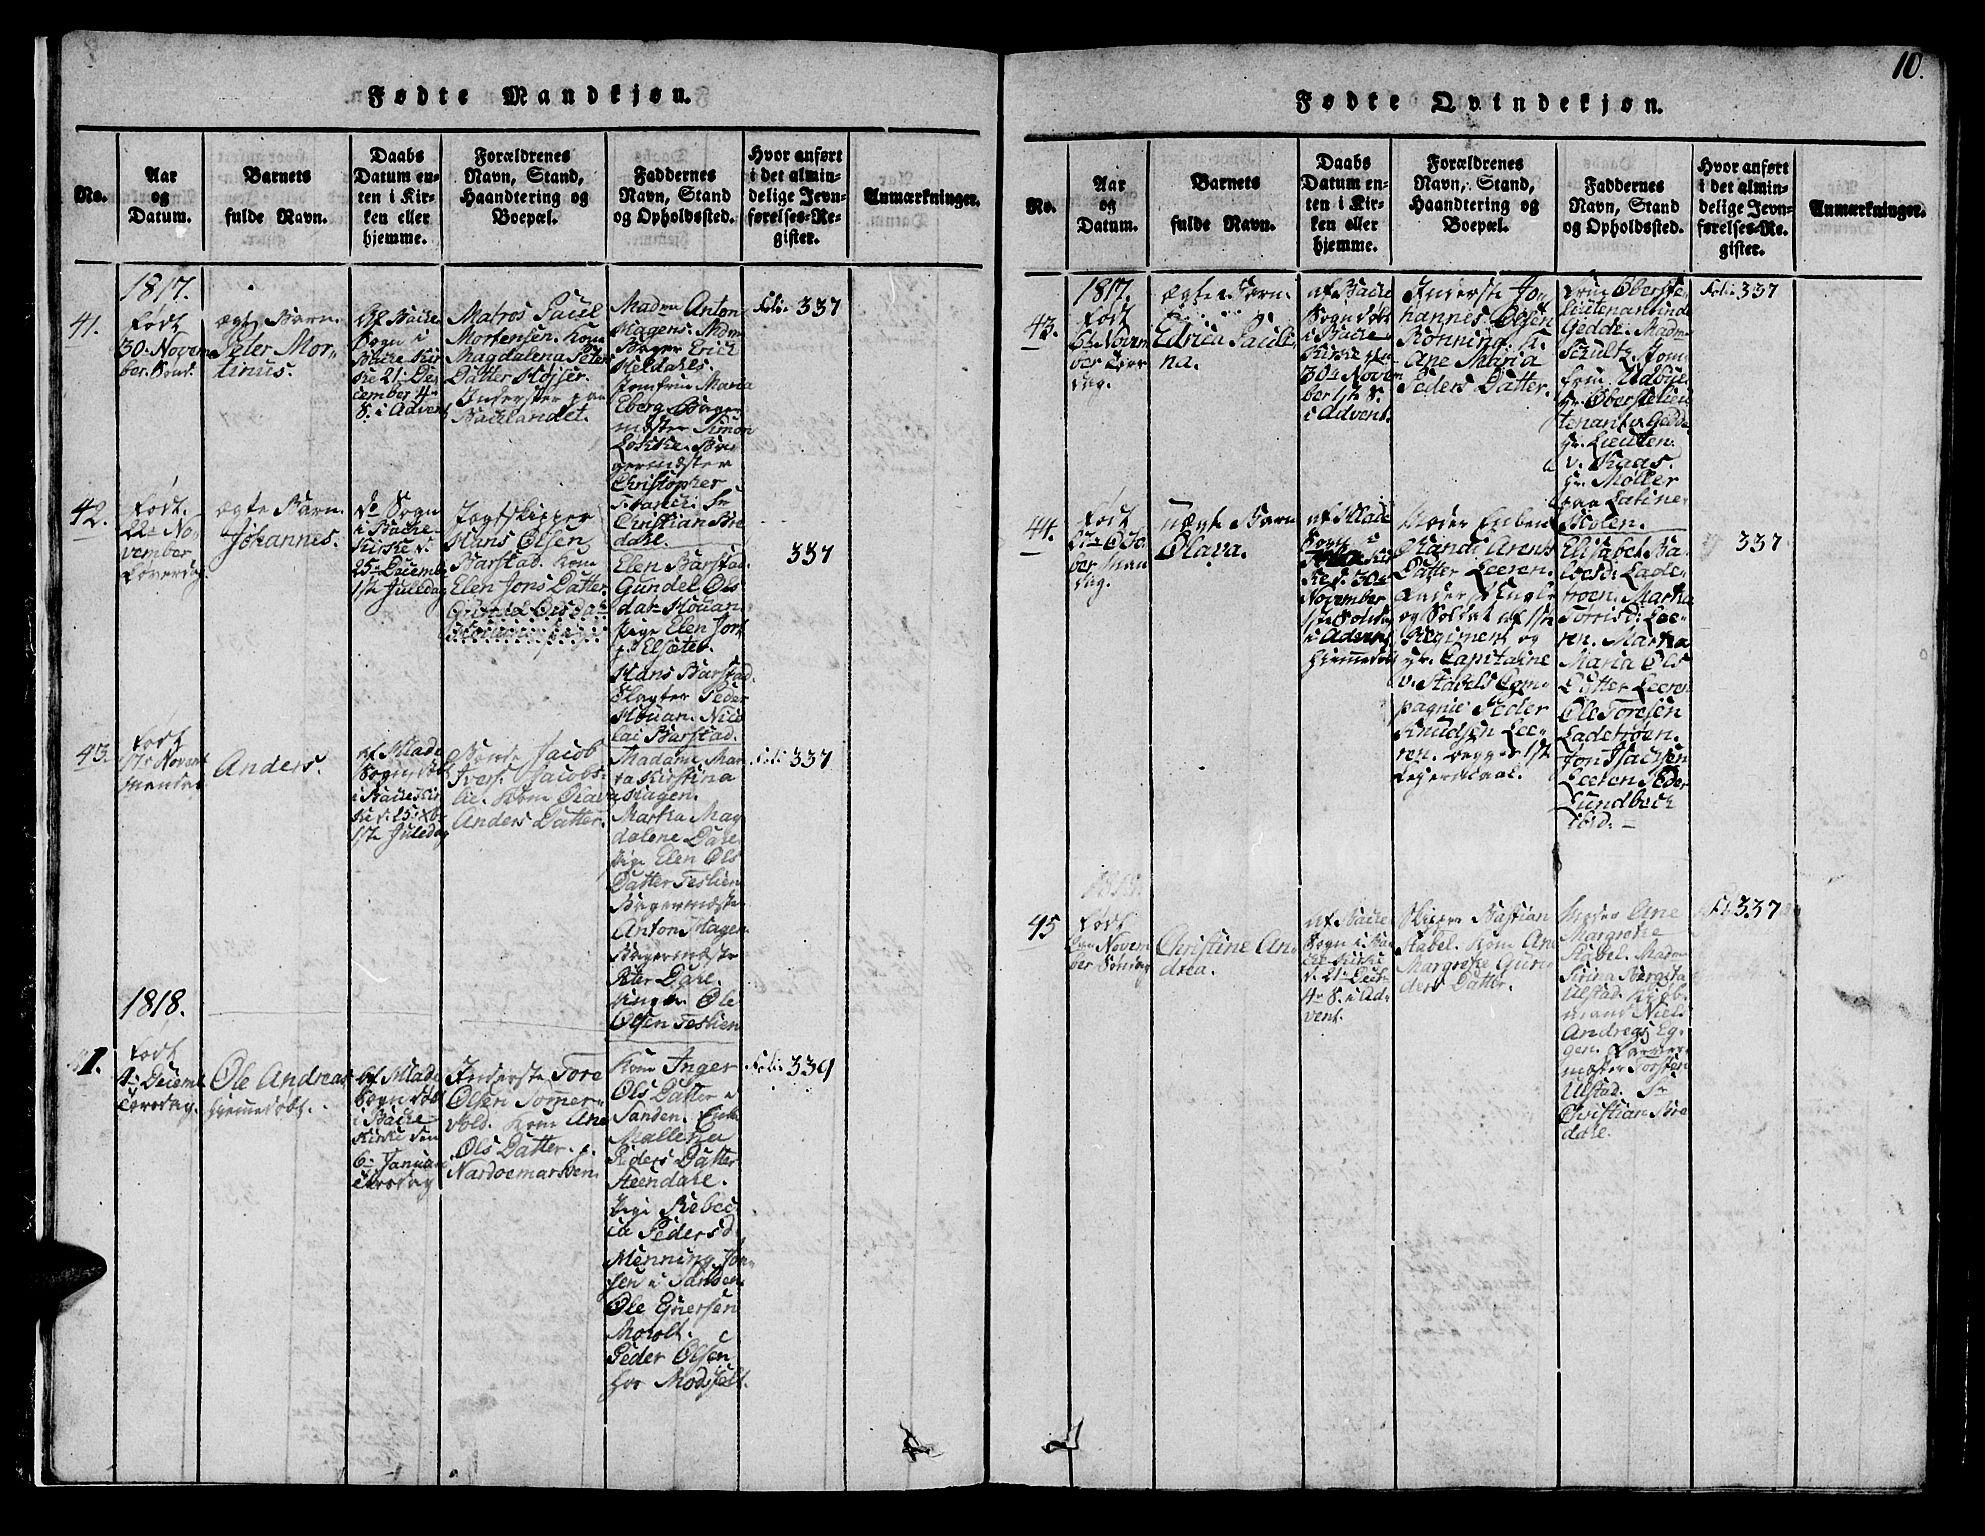 SAT, Ministerialprotokoller, klokkerbøker og fødselsregistre - Sør-Trøndelag, 606/L0307: Klokkerbok nr. 606C03, 1817-1824, s. 10